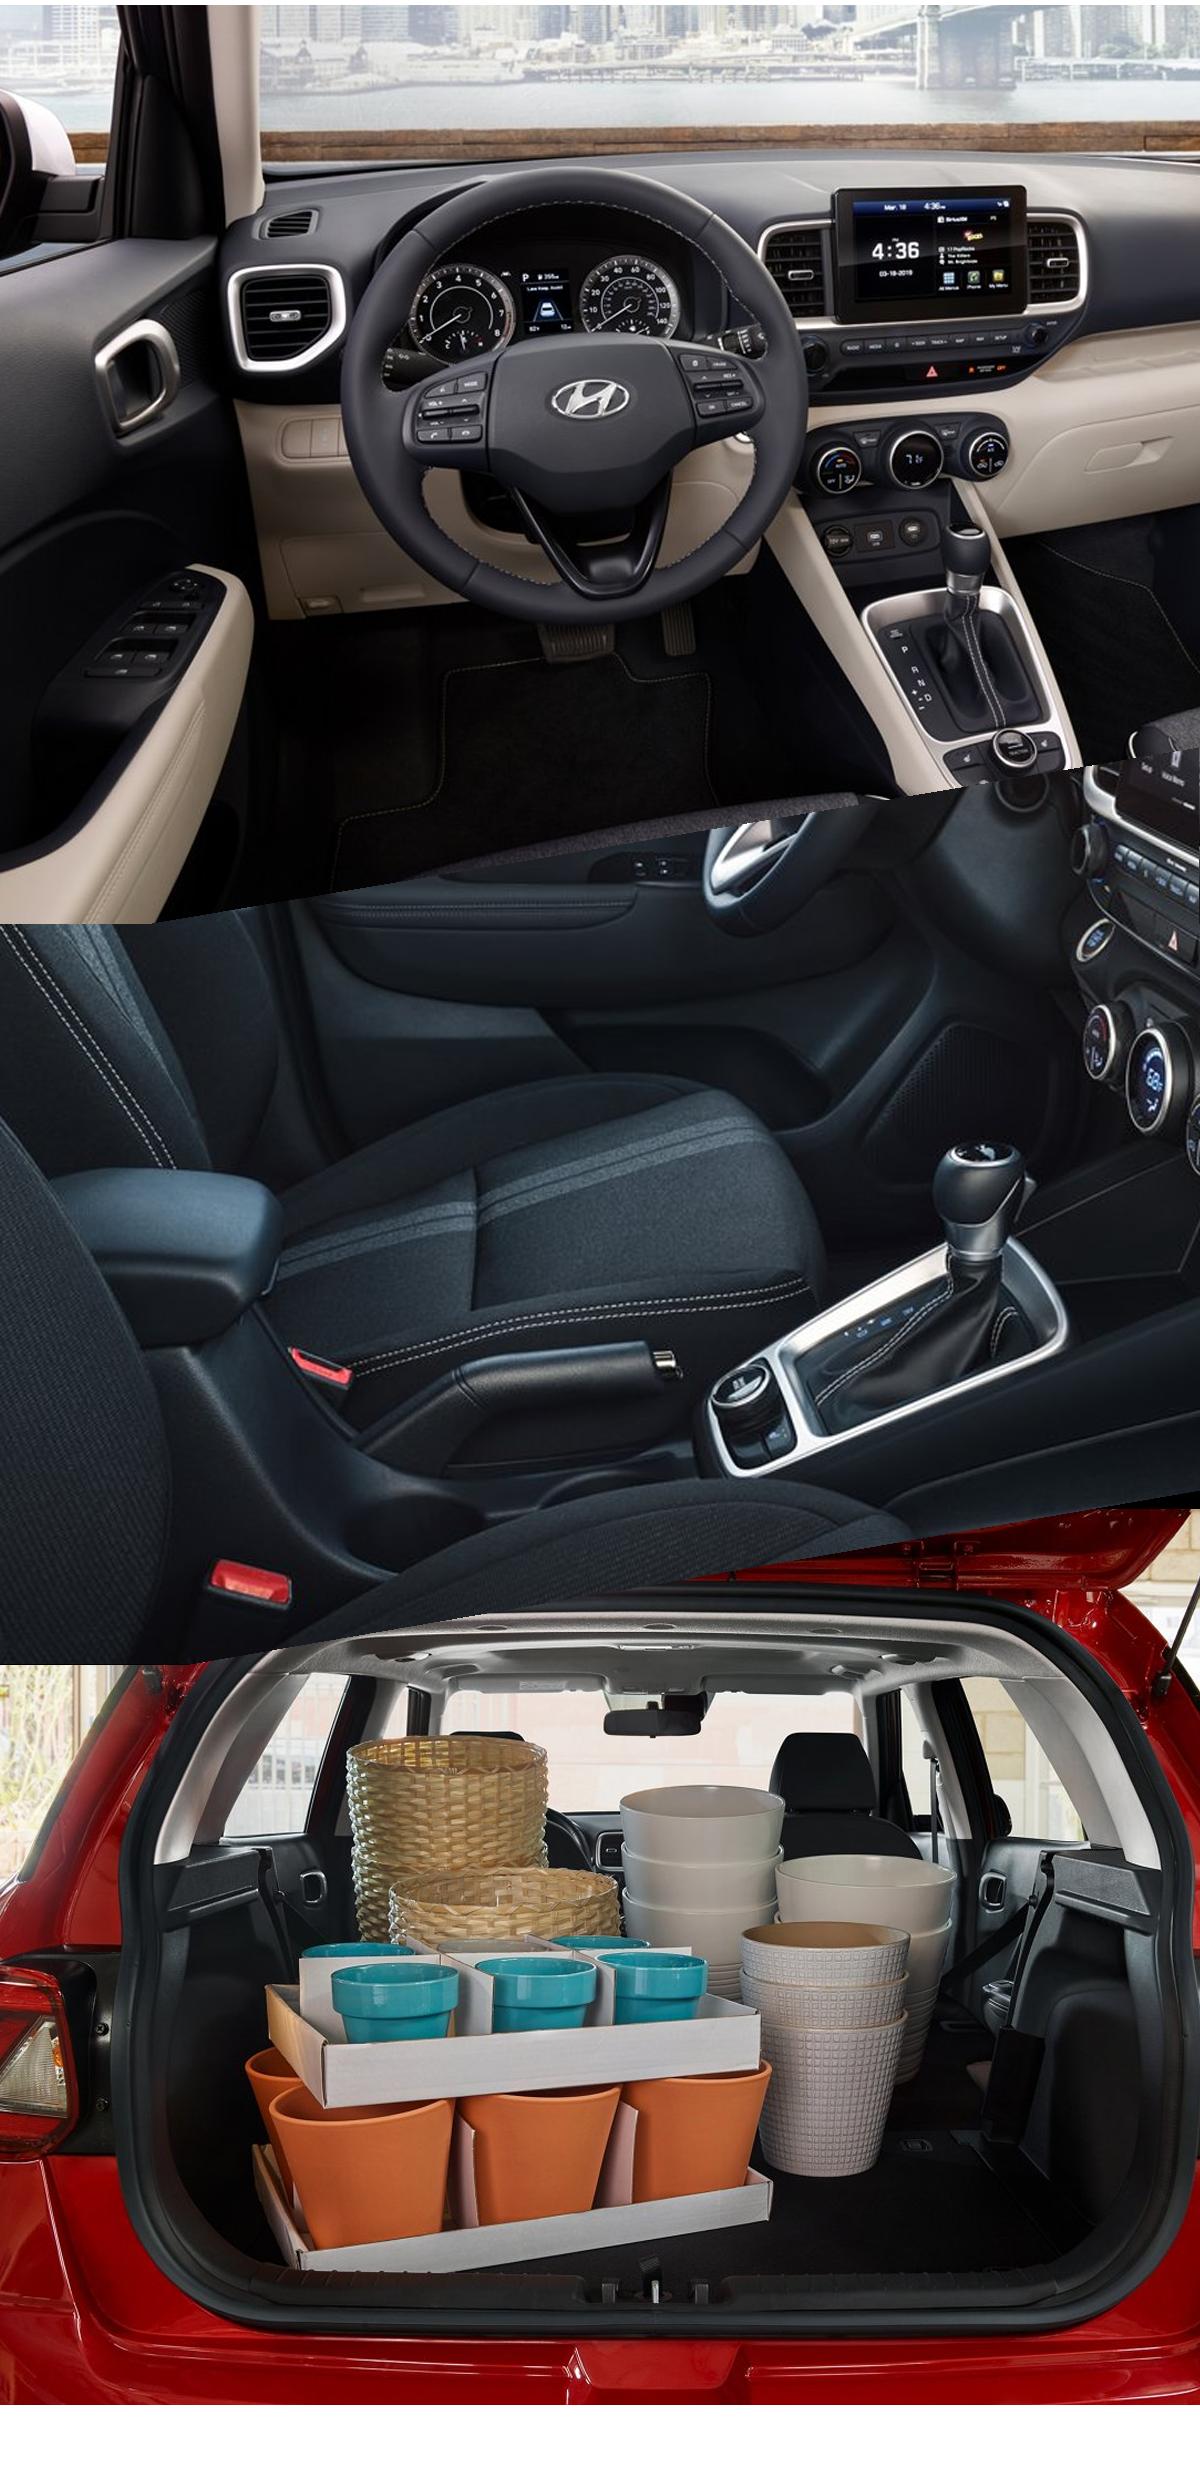 2021 Hyundai Venue Interior Images